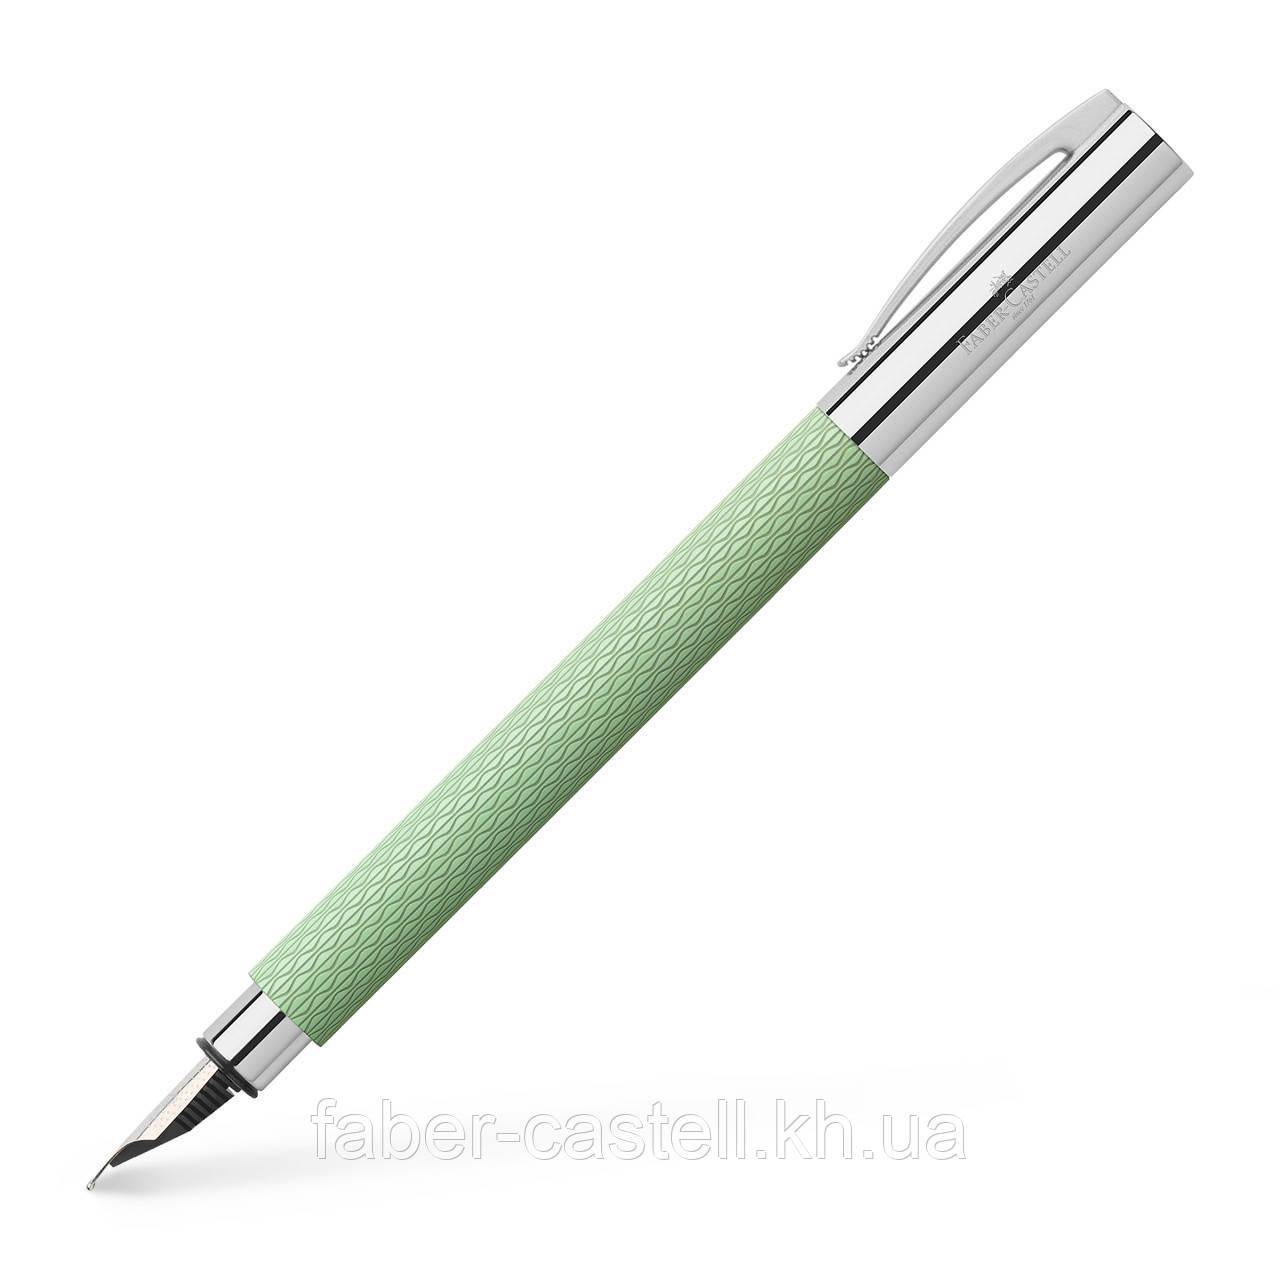 Перьевая ручка Faber-Castell Ambition OpArt Mint Green, цвет корпуса мятный зеленый, перо F,147011